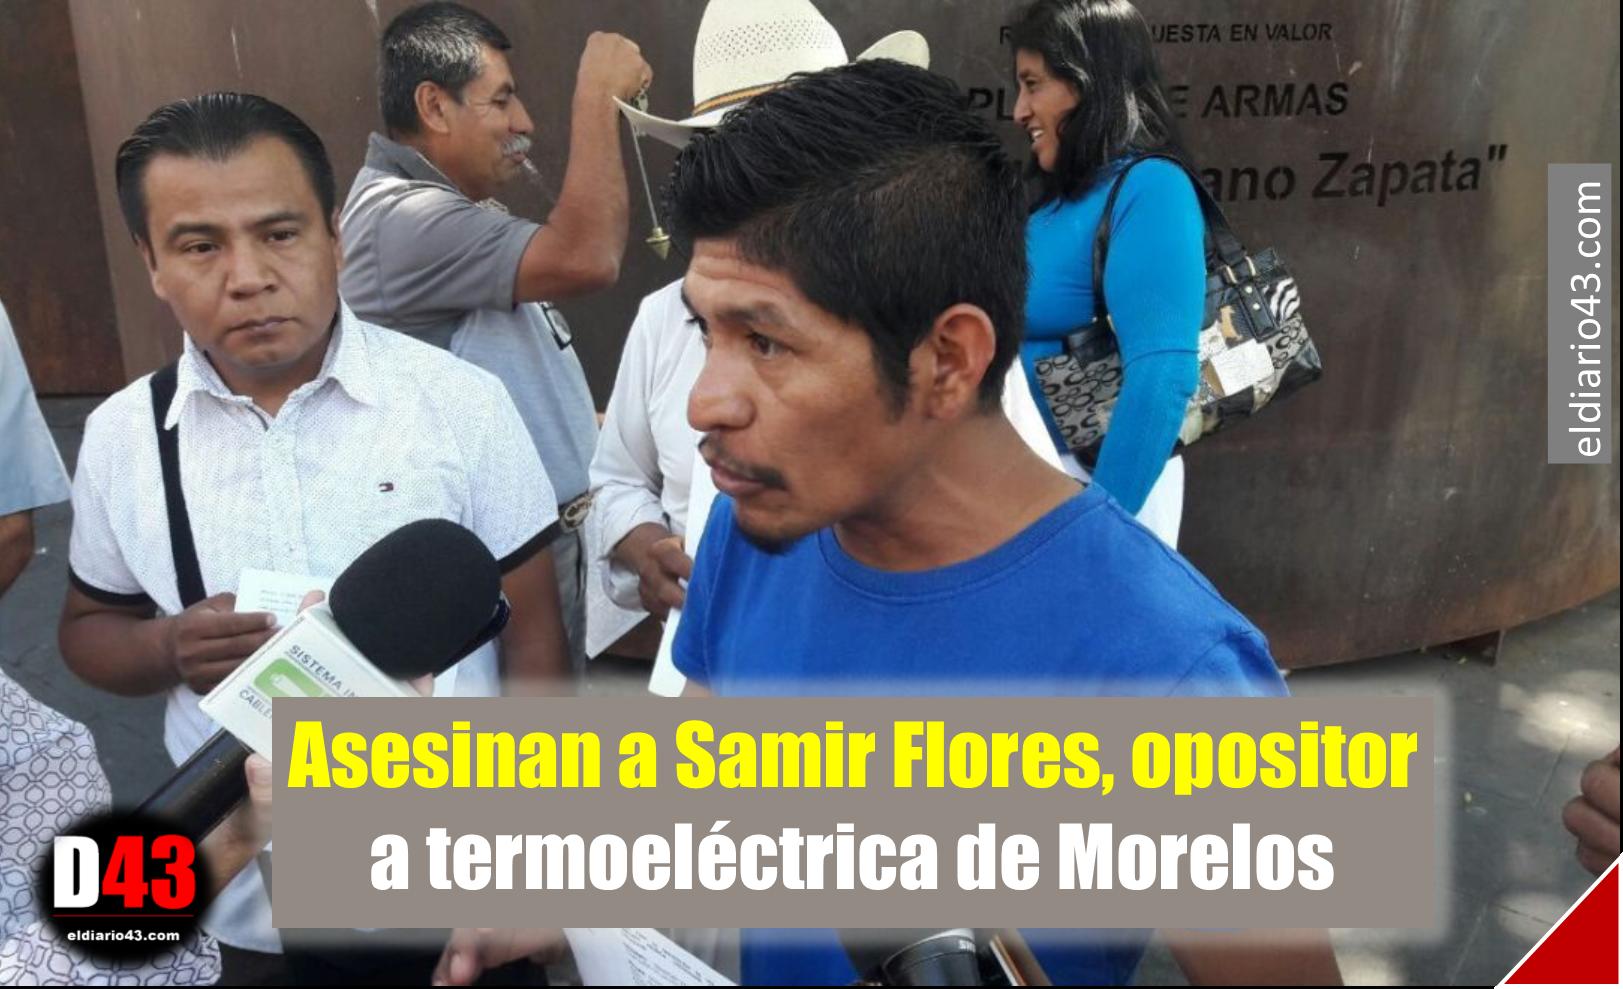 Asesinan a Samir Flores, opositor a termoeléctrica de Morelos